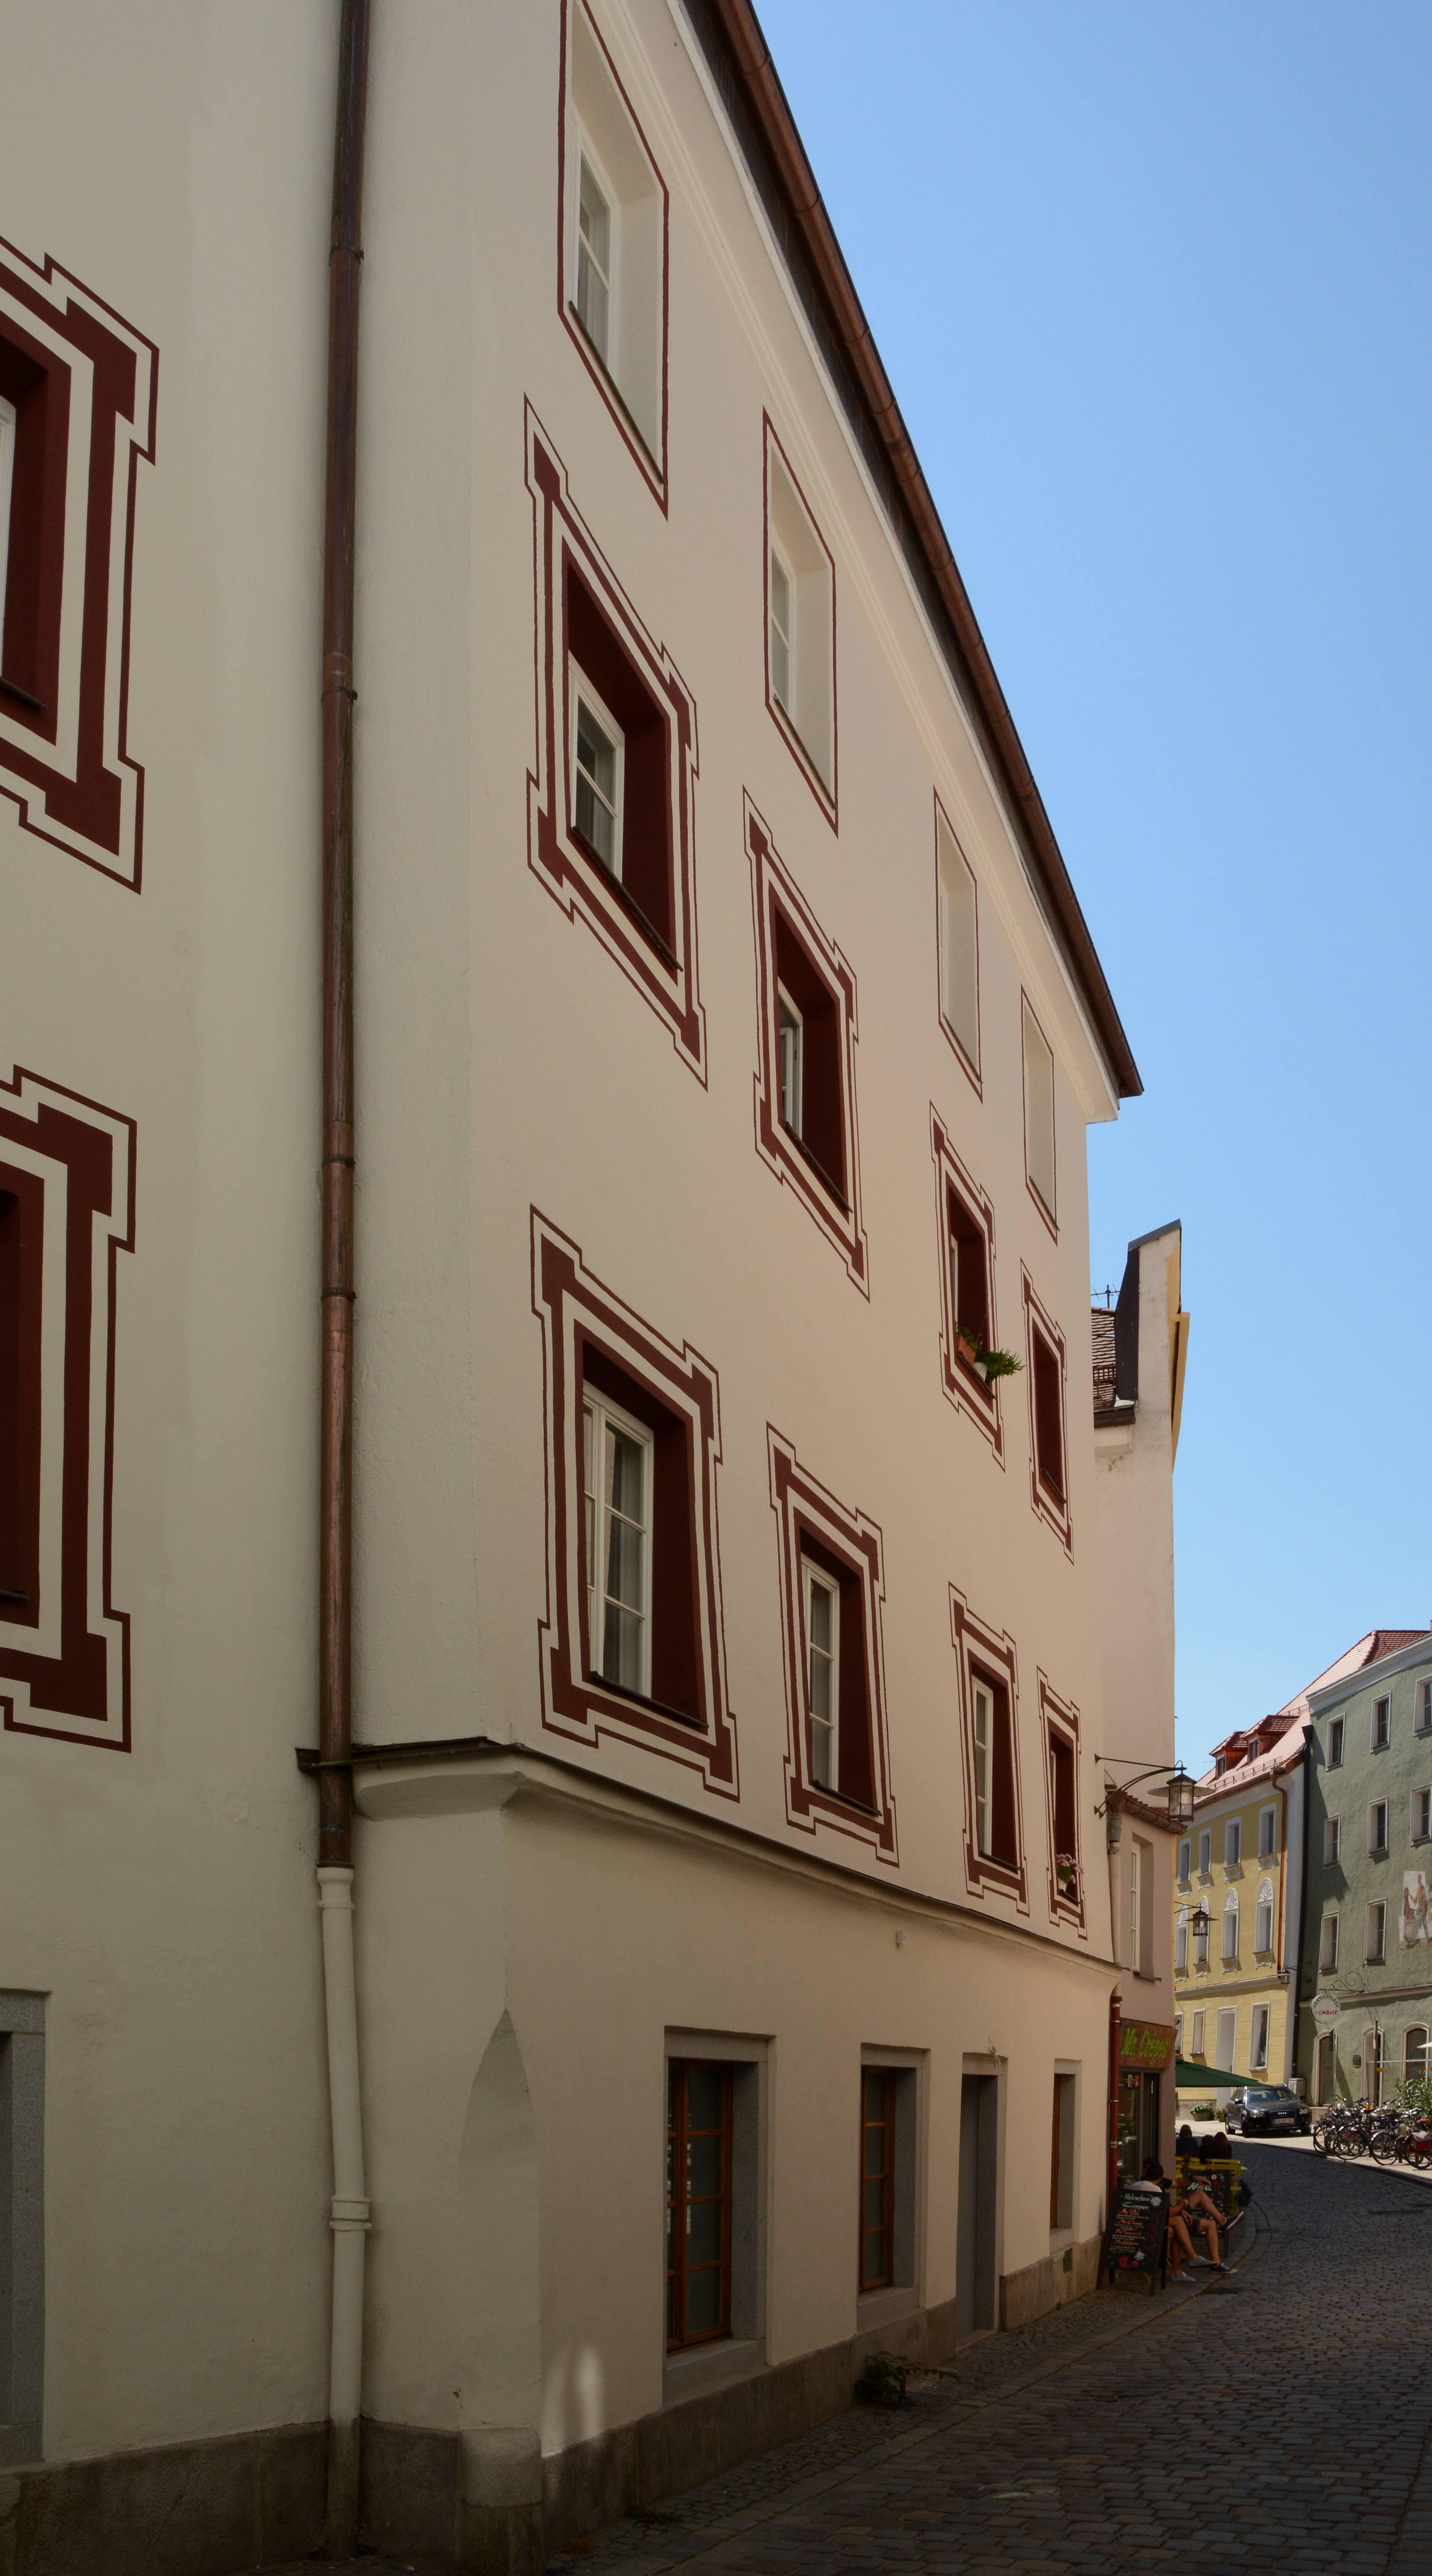 Dateiwohnhaus Unterer Sand 3 Passau Cjpg Wikipedia